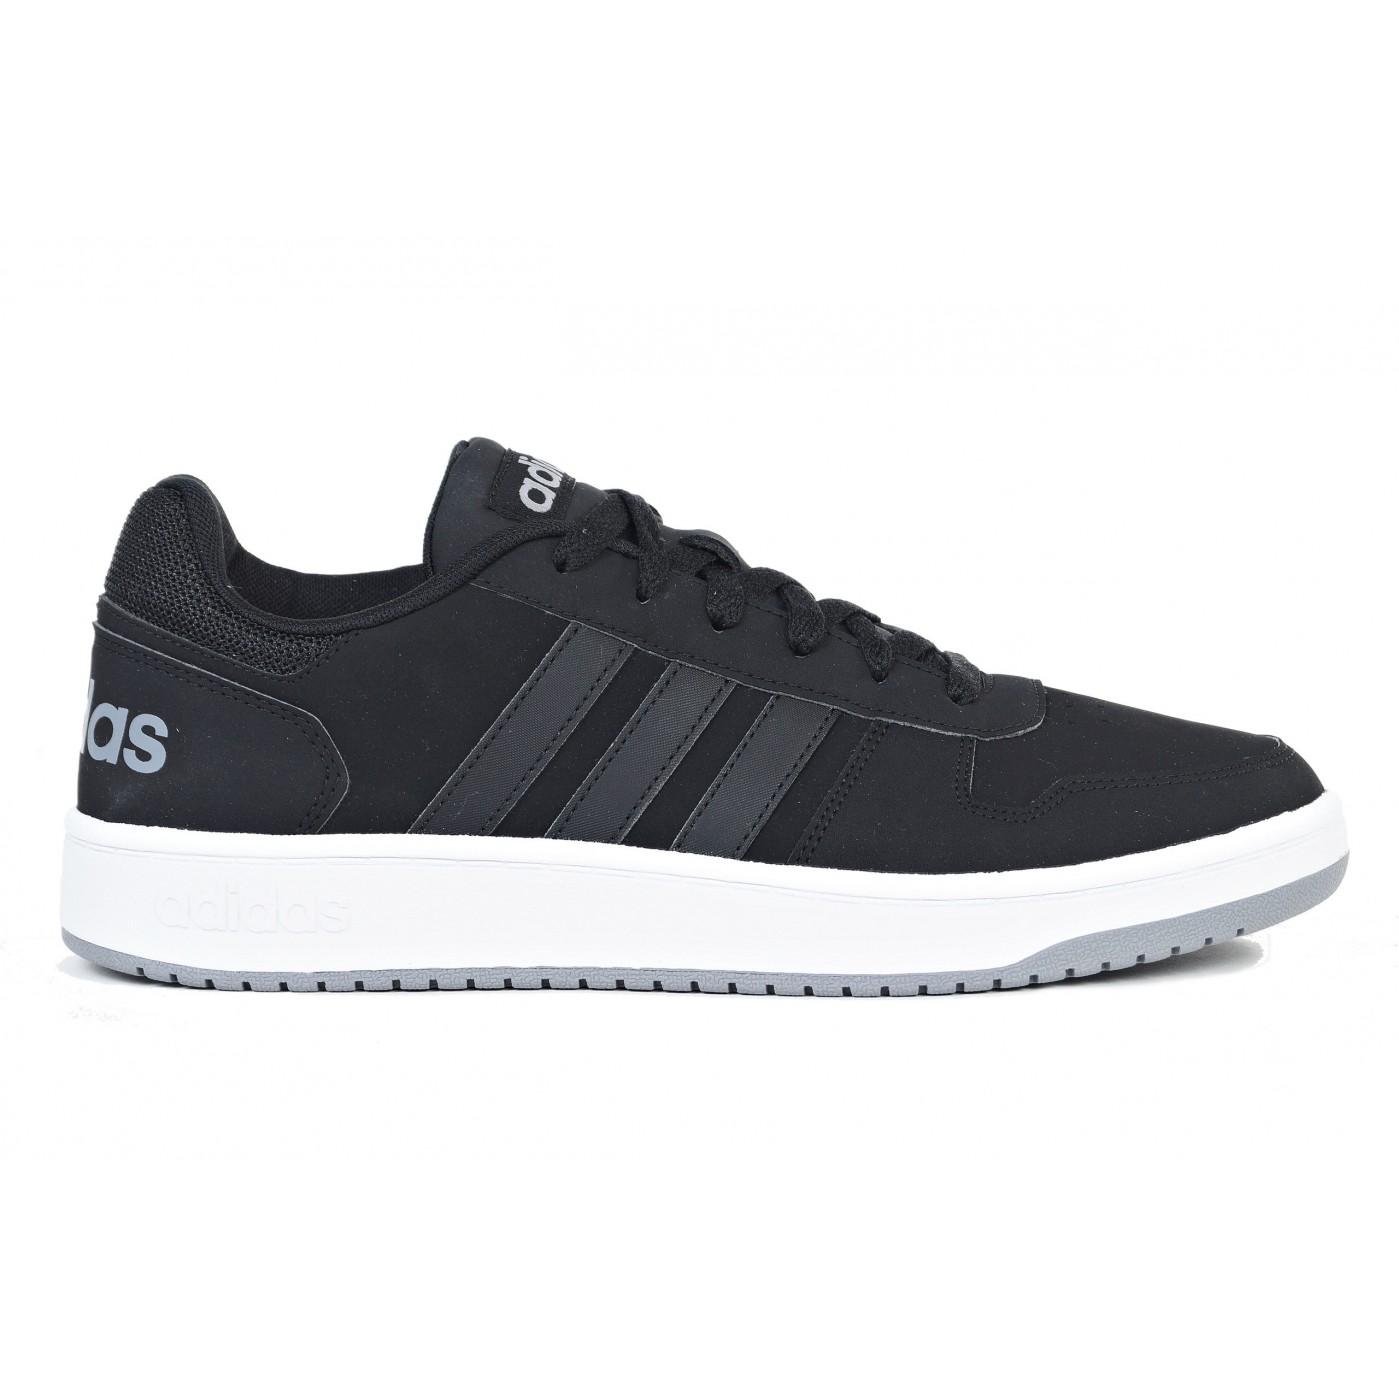 DB0122 Adidas Hoops 2.0